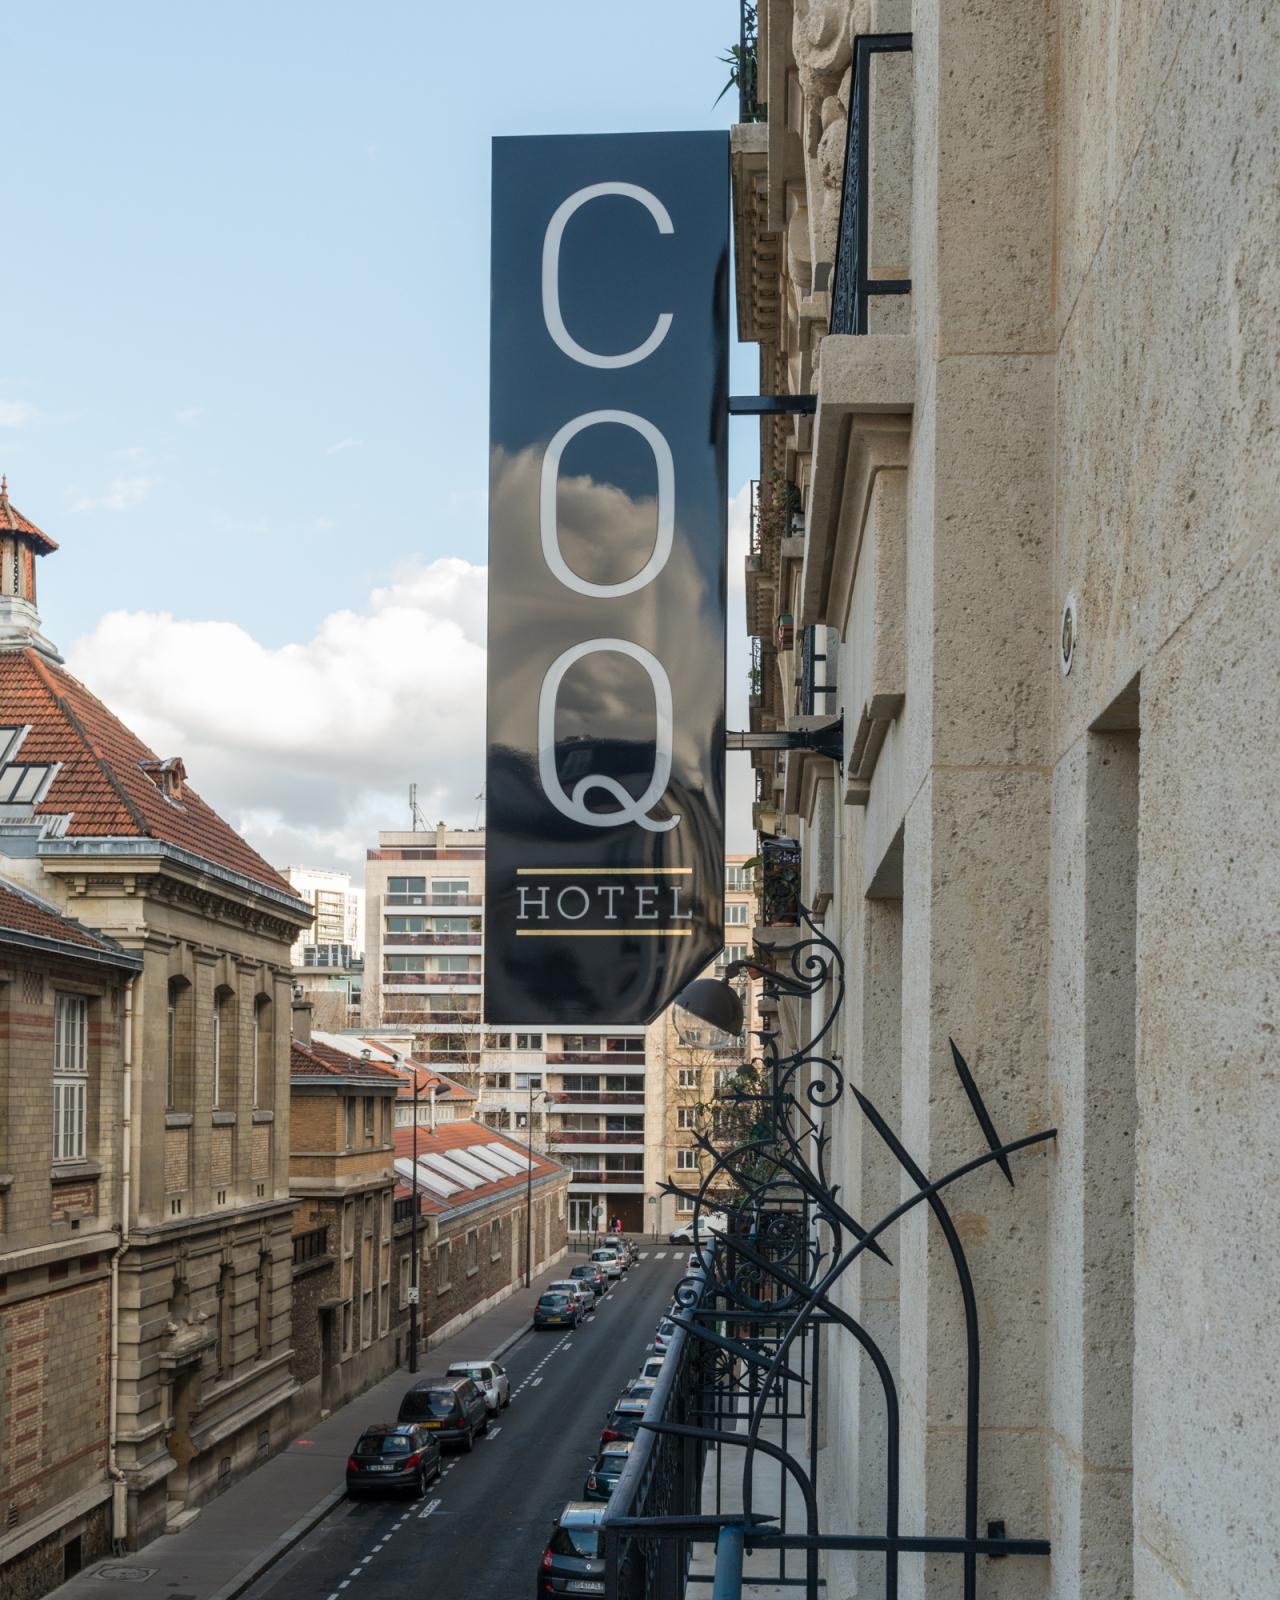 FRANÇOIS CAVELIER C.O.Q Hotel. Paris. MONOCLE